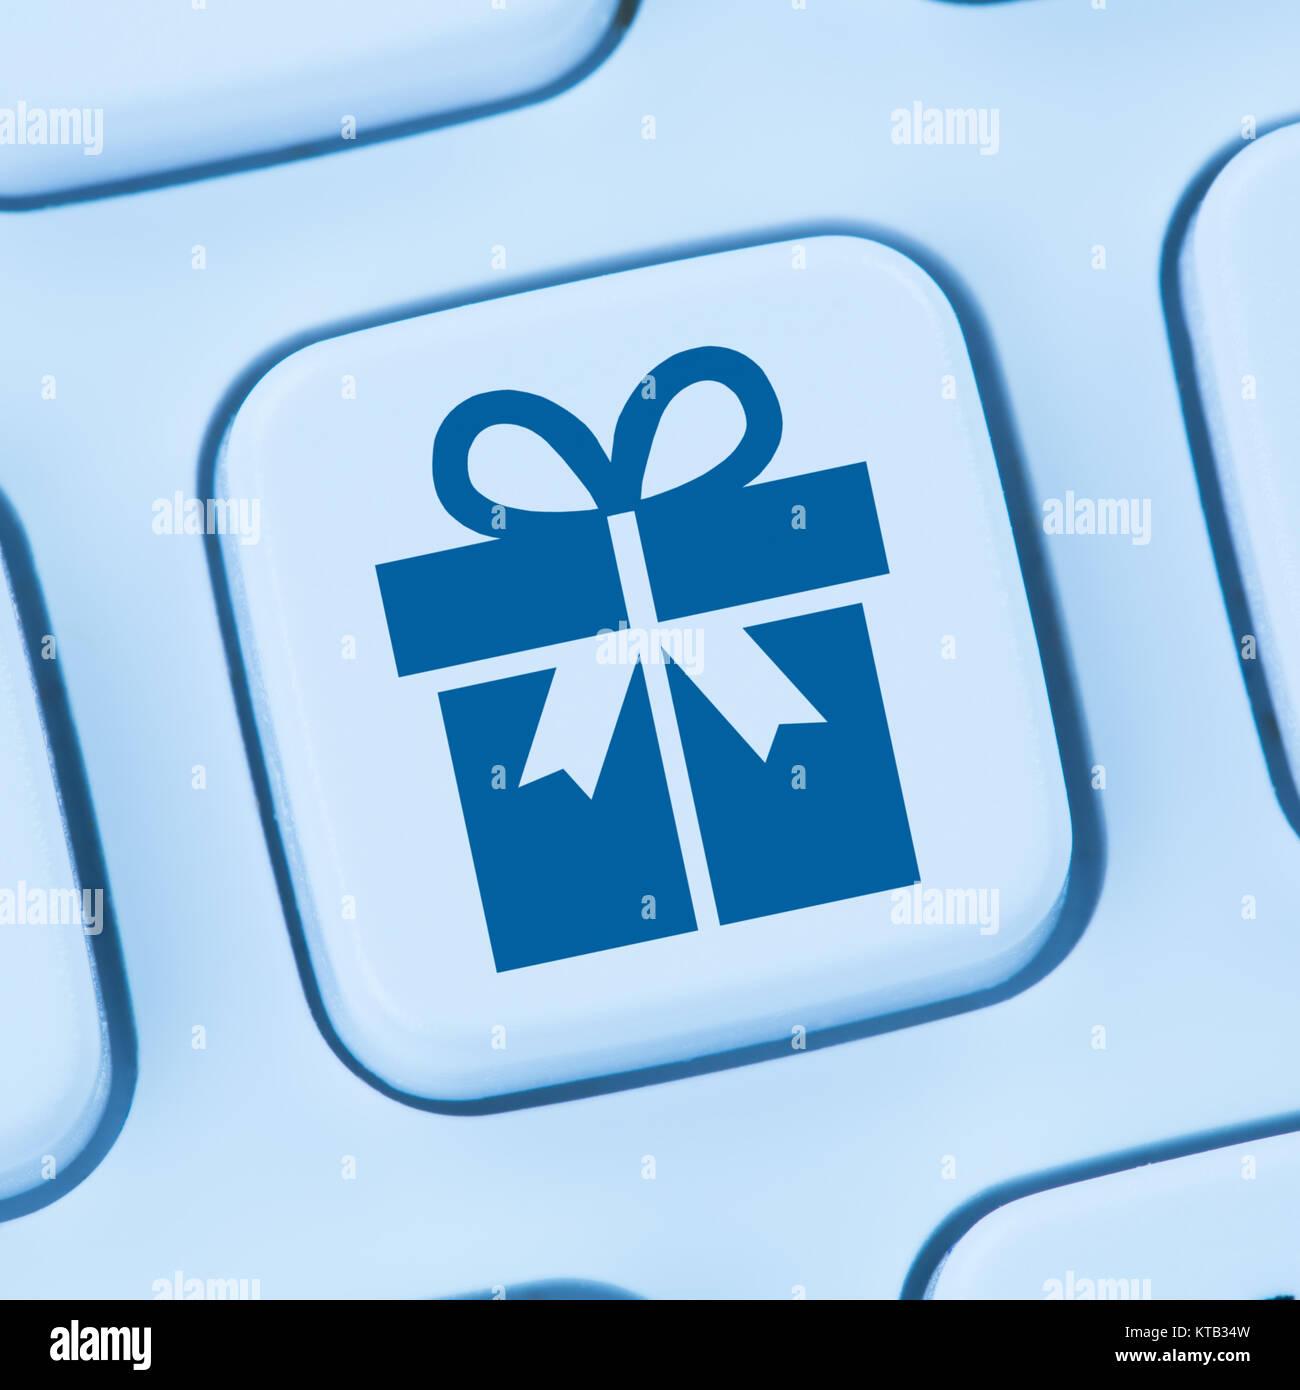 Geschenke Geschenk online Shopping einkaufen bestellen Internet blau Computer web Tastatur - Stock Image